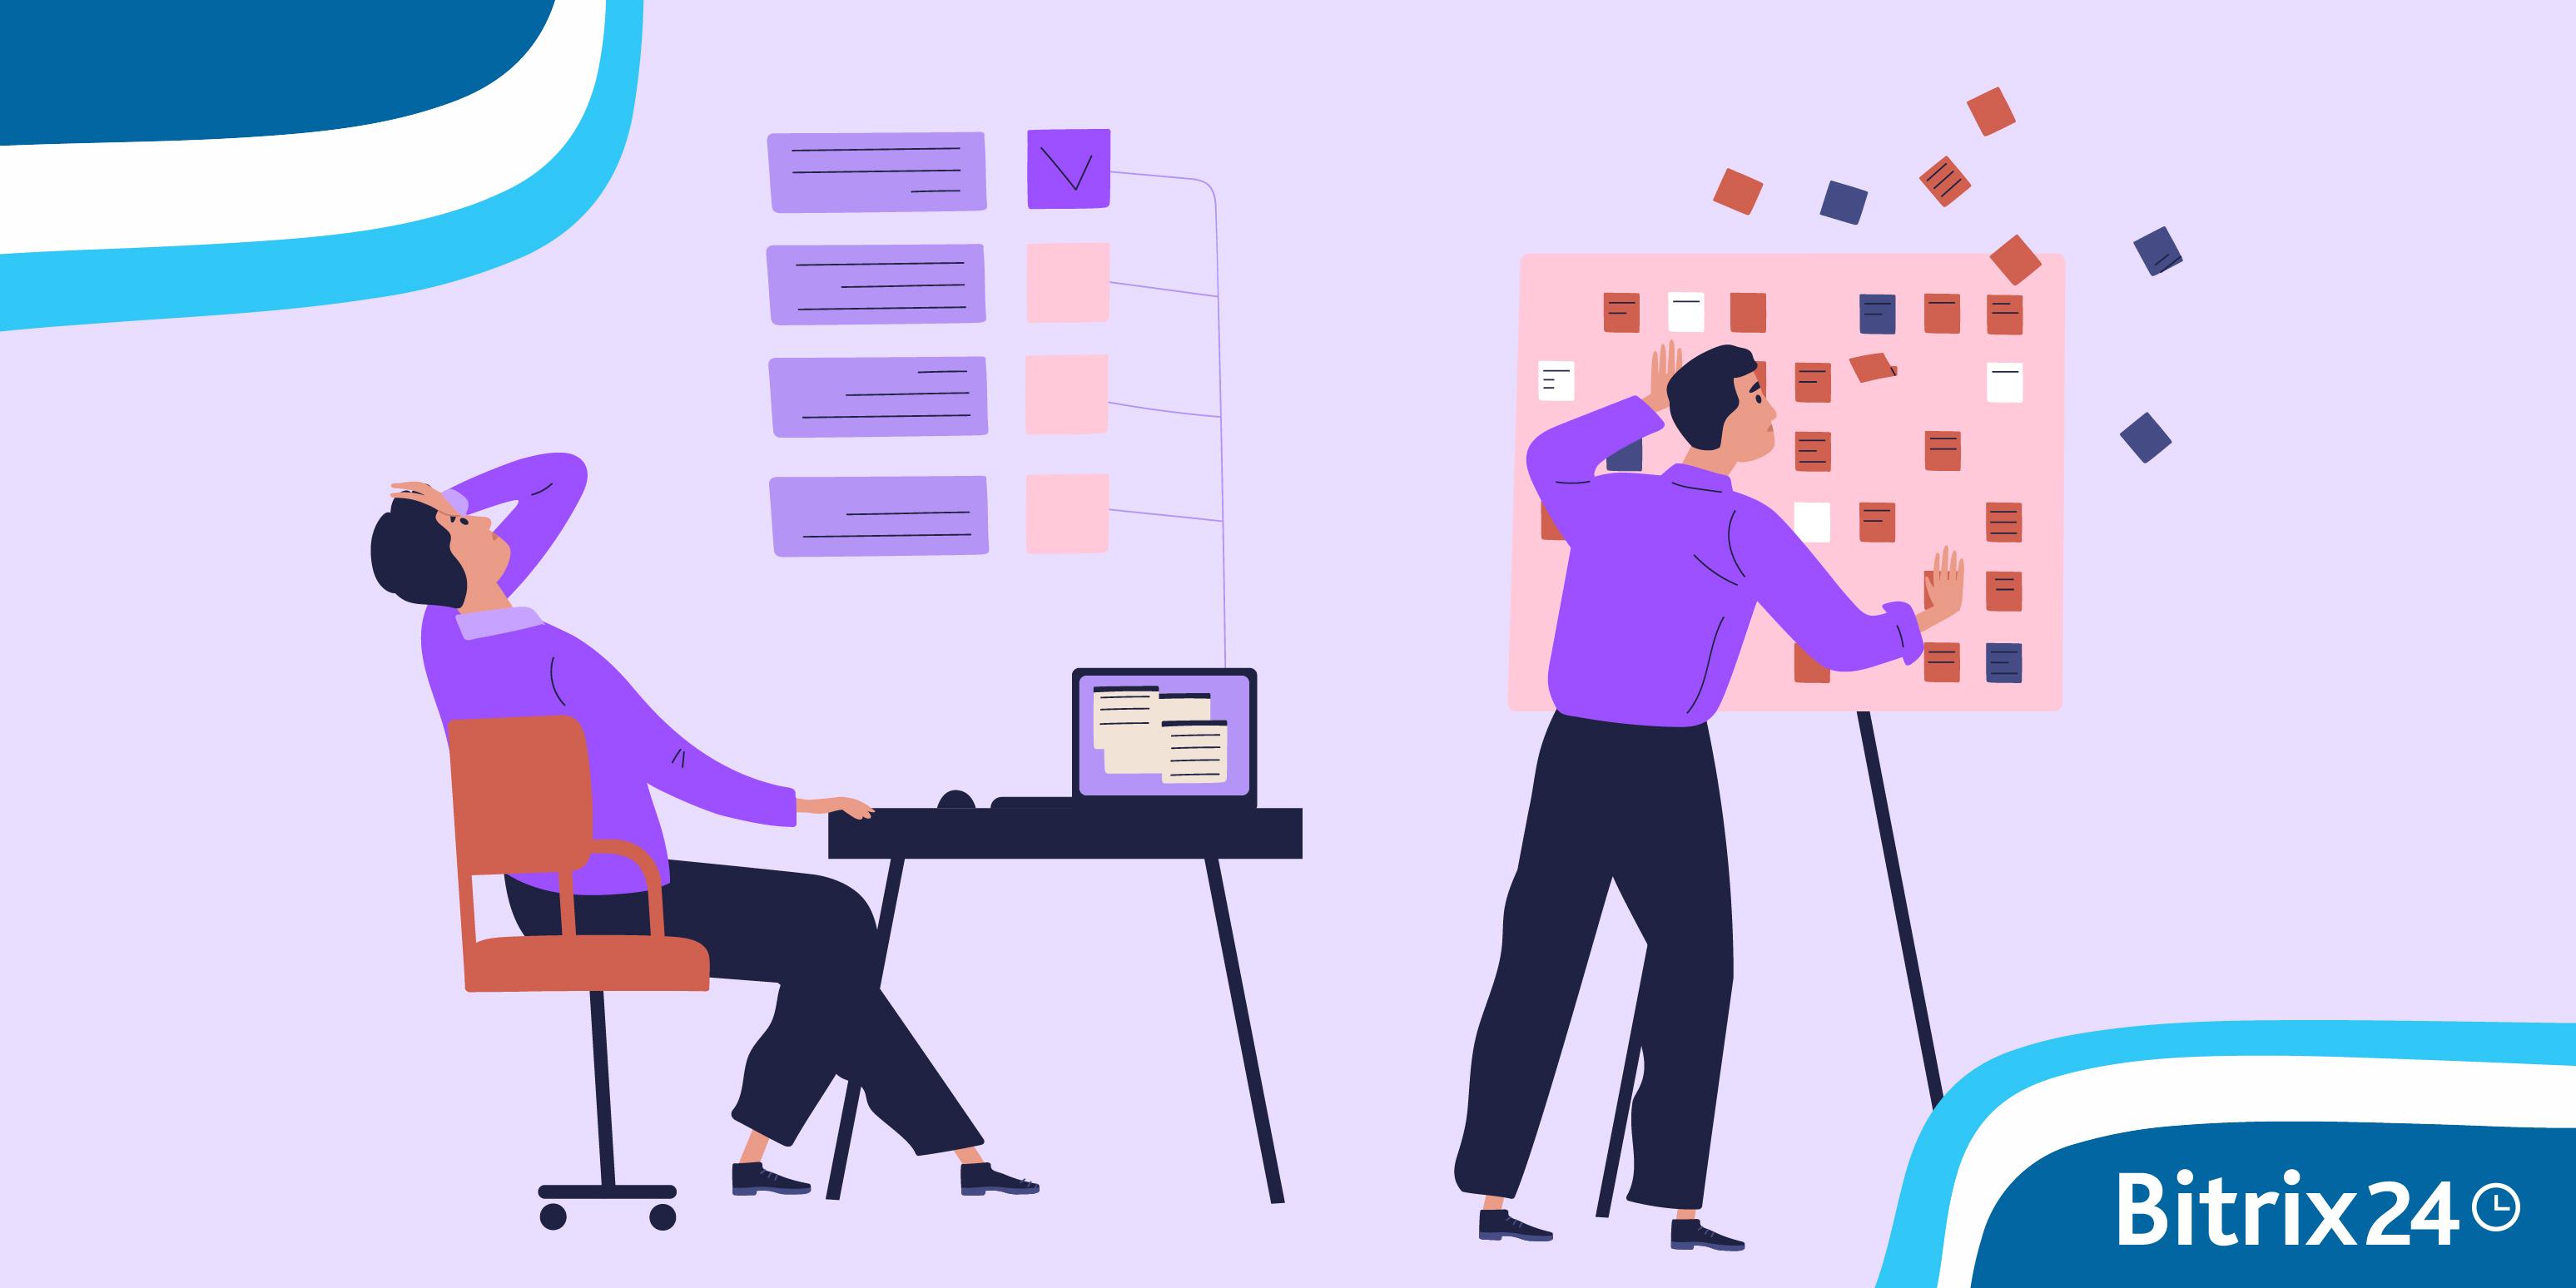 7 astuces pour trouver la meilleure application de gestion de tâches